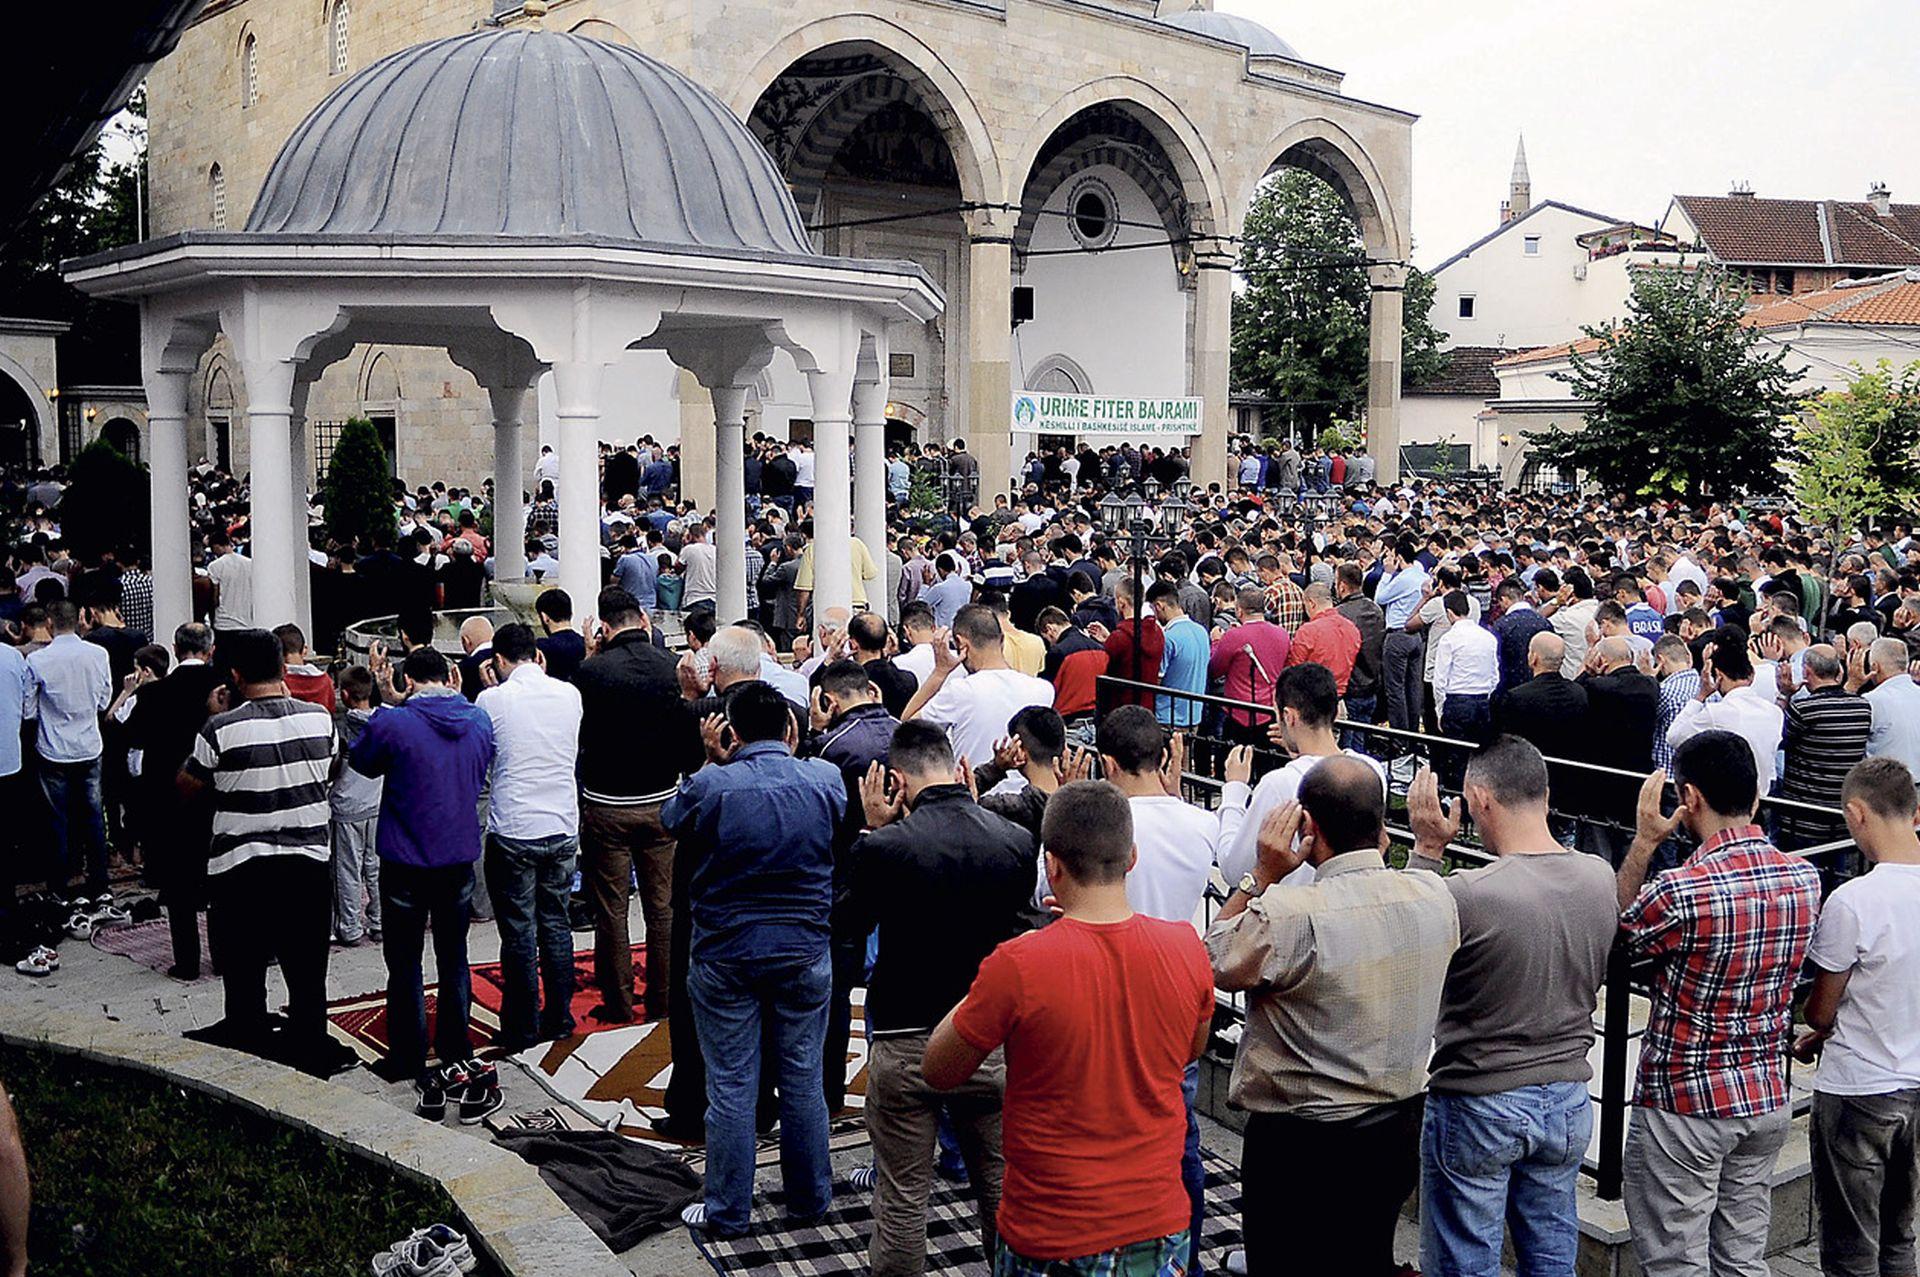 NACIONAL I BIRN ZAJEDNO PROMIČU ISTRAŽIVAČKO NOVINARSTVO Malobrojne i fanatične – žene s Kosova koje pristupaju ISIL-u